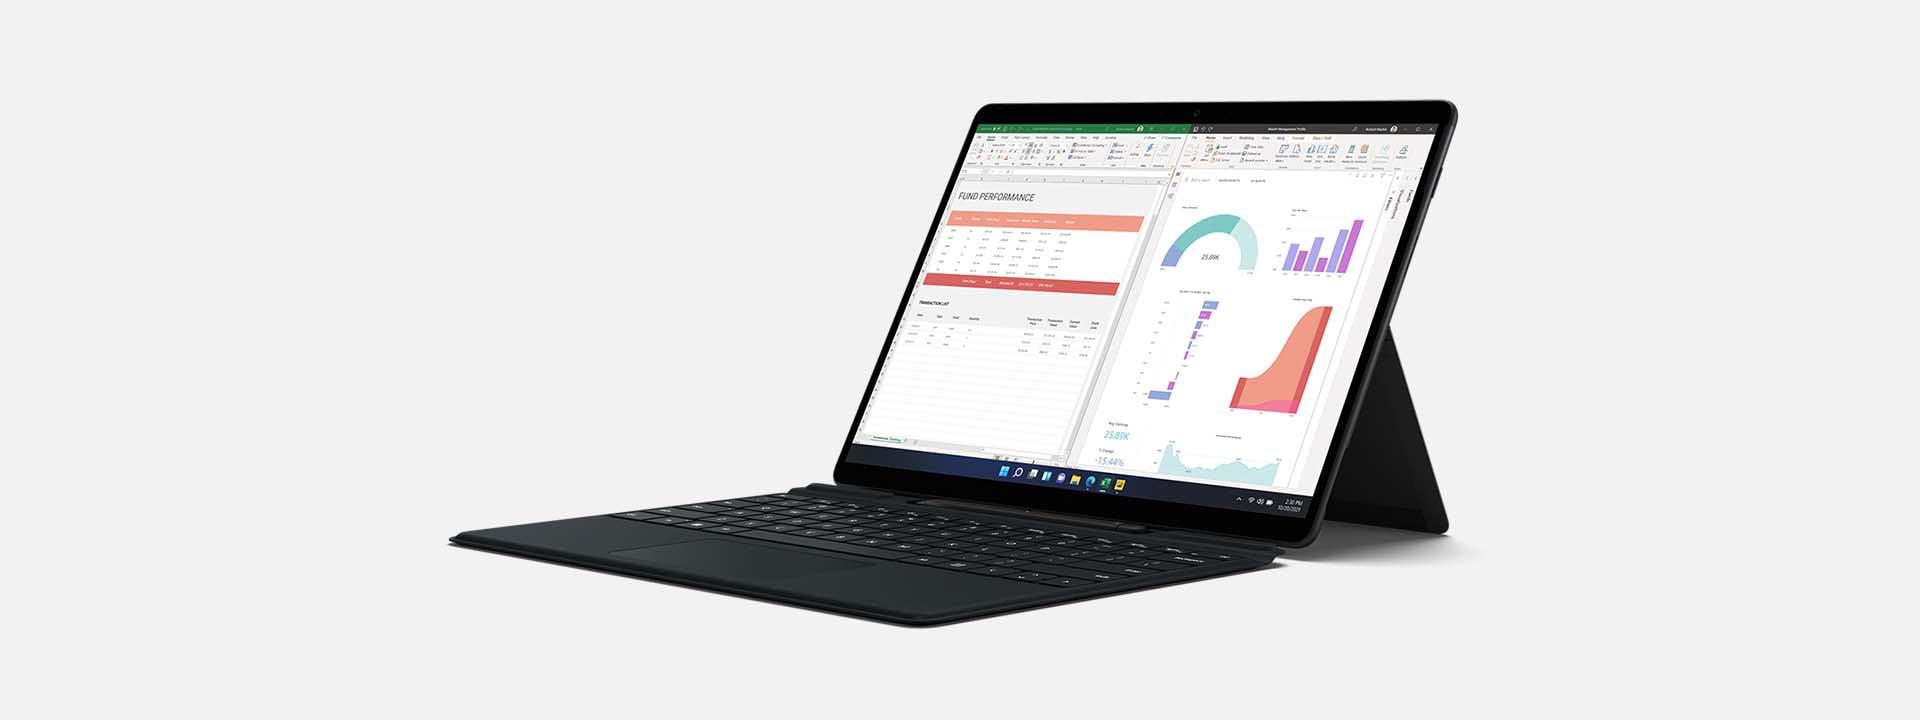 展示採用膝上型電腦模式的 Surface Pro X 與畫面上的多個應用程式